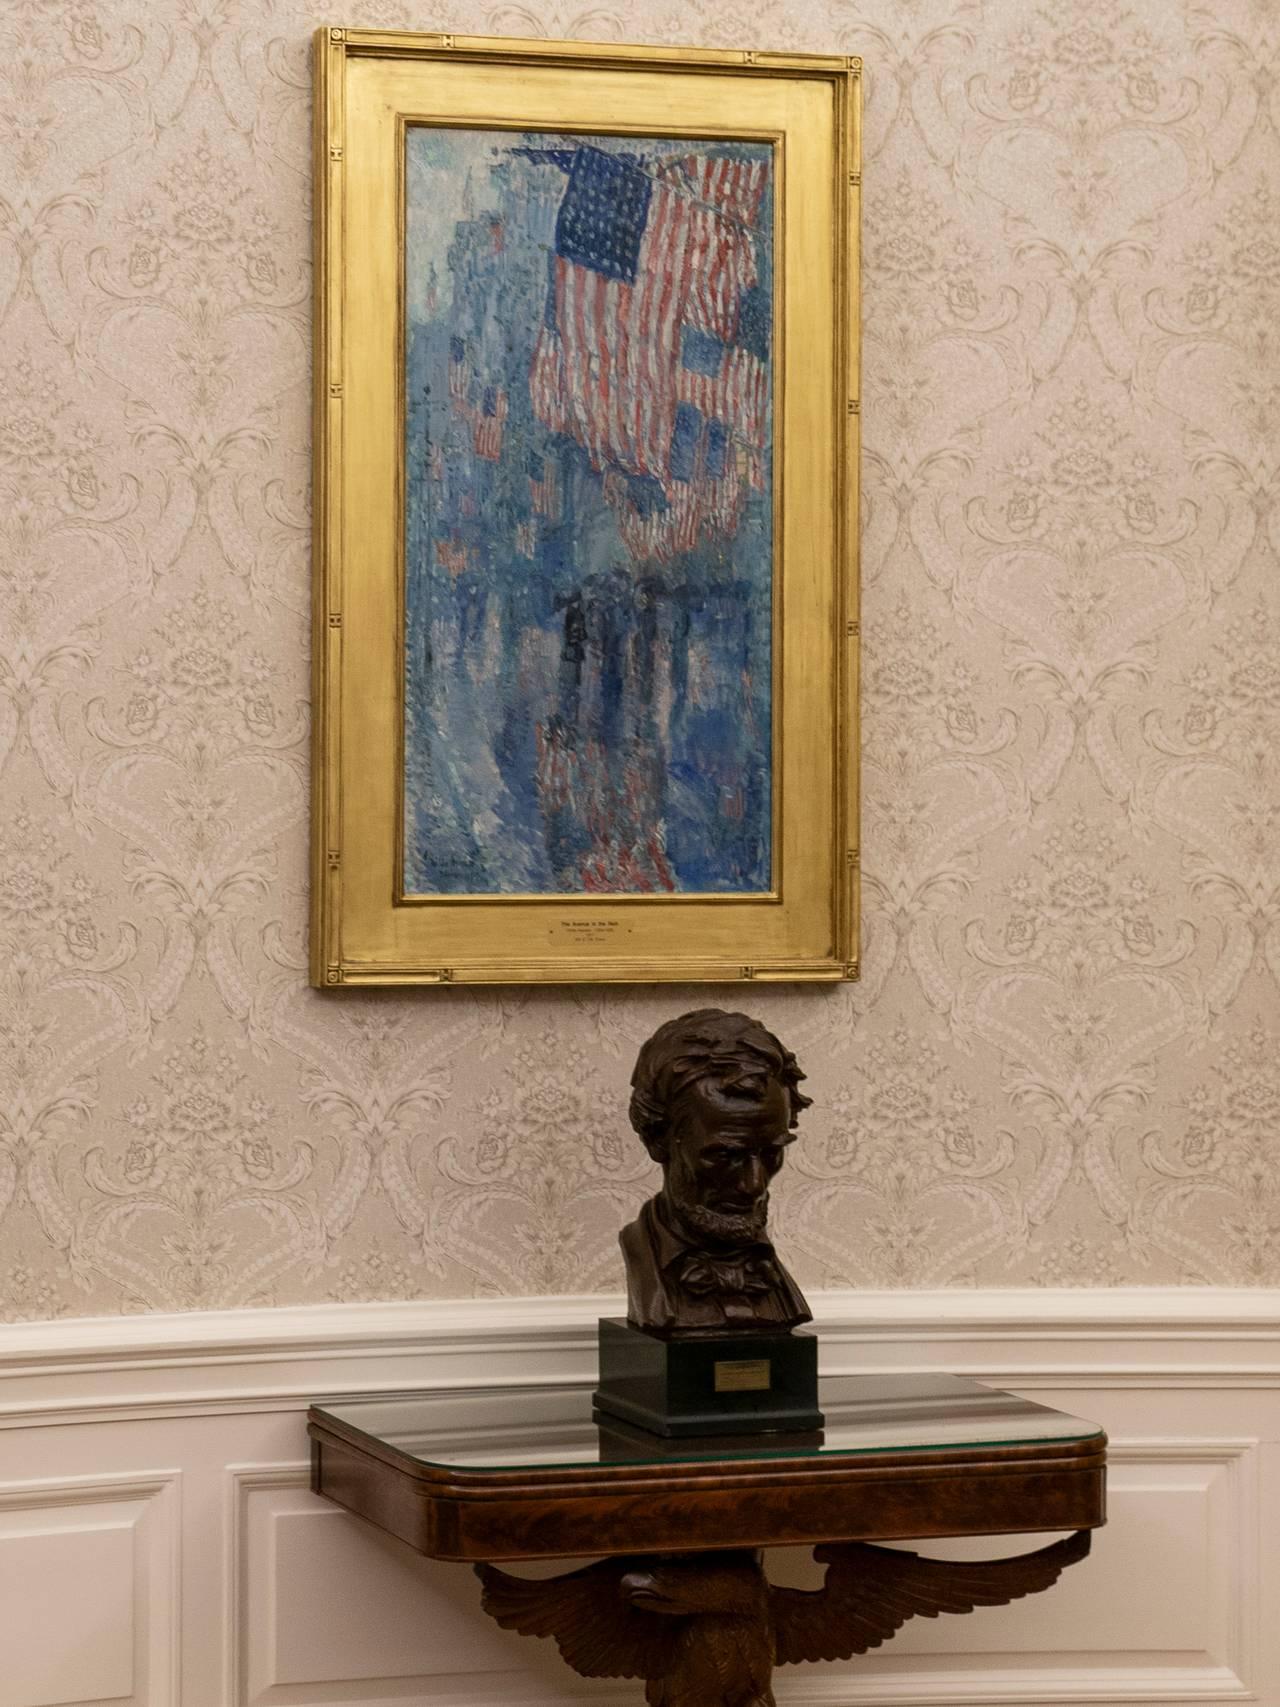 Statue av president Abraham Lincoln i Det ovale kontor i Det hvite hus.